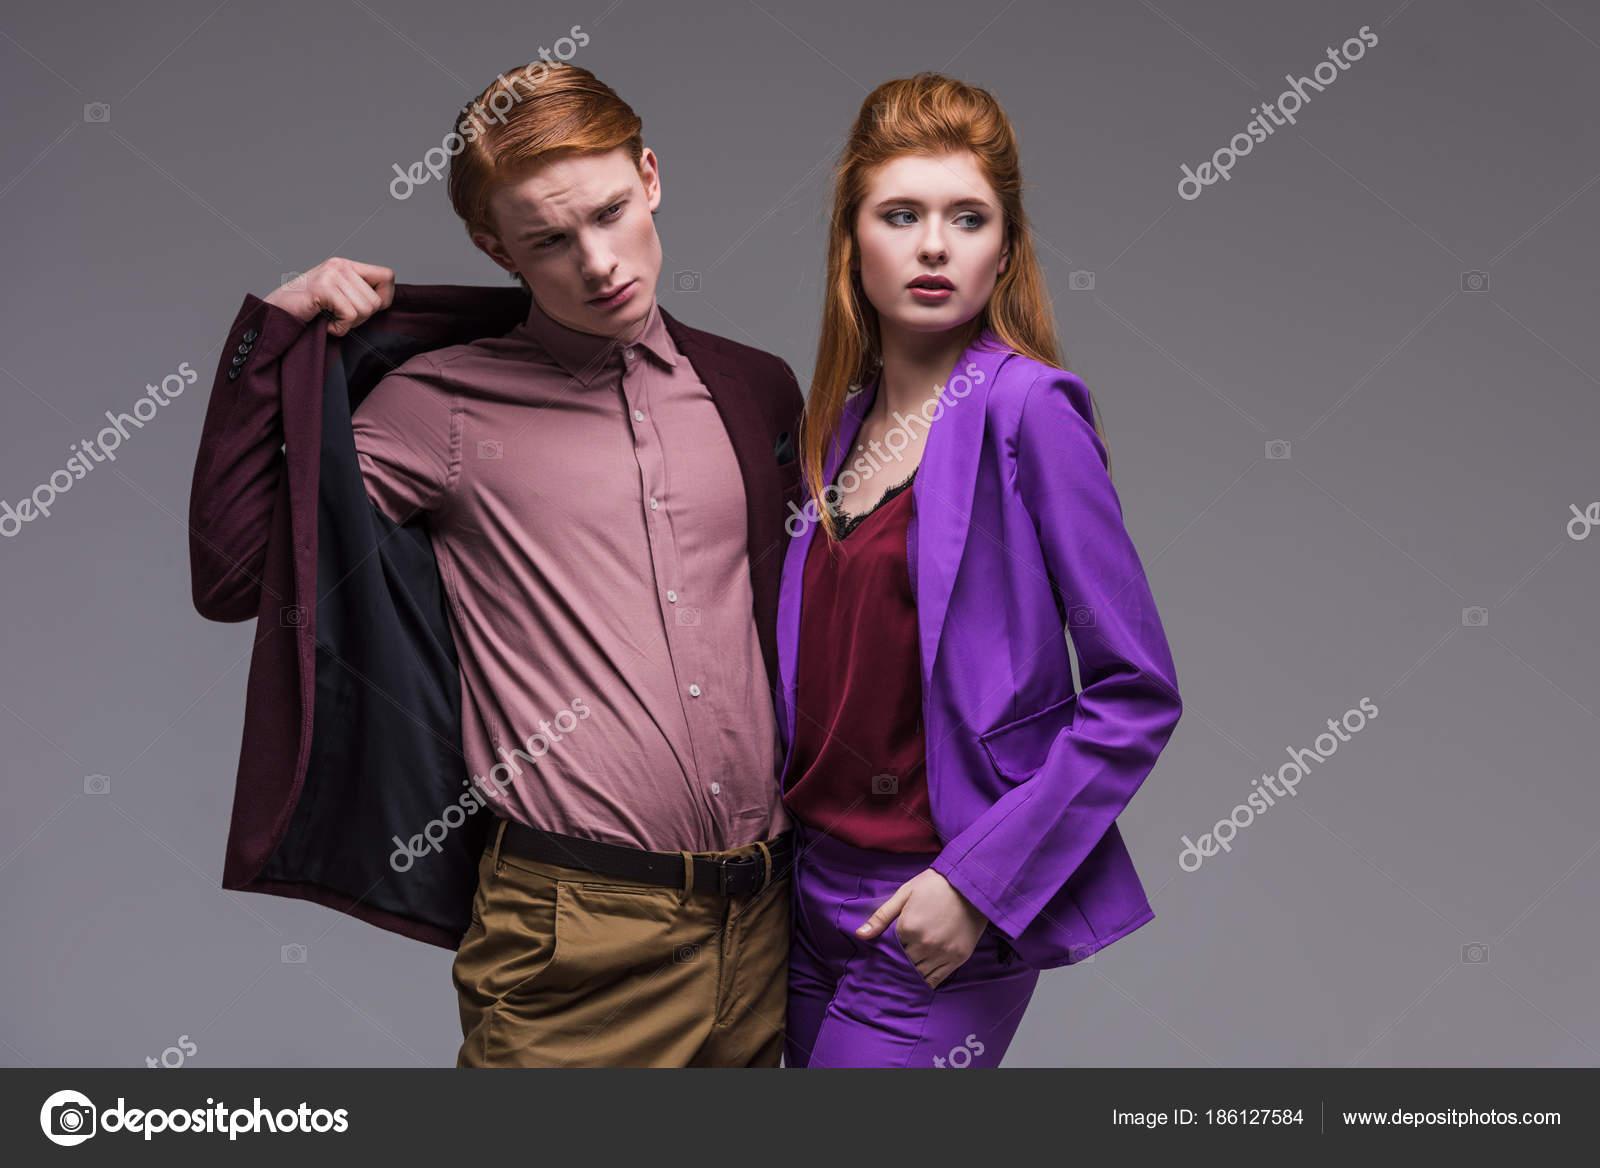 Par Modelos Moda Joven Vestidos Con Ropa Formal Aislado Gris — Foto ...